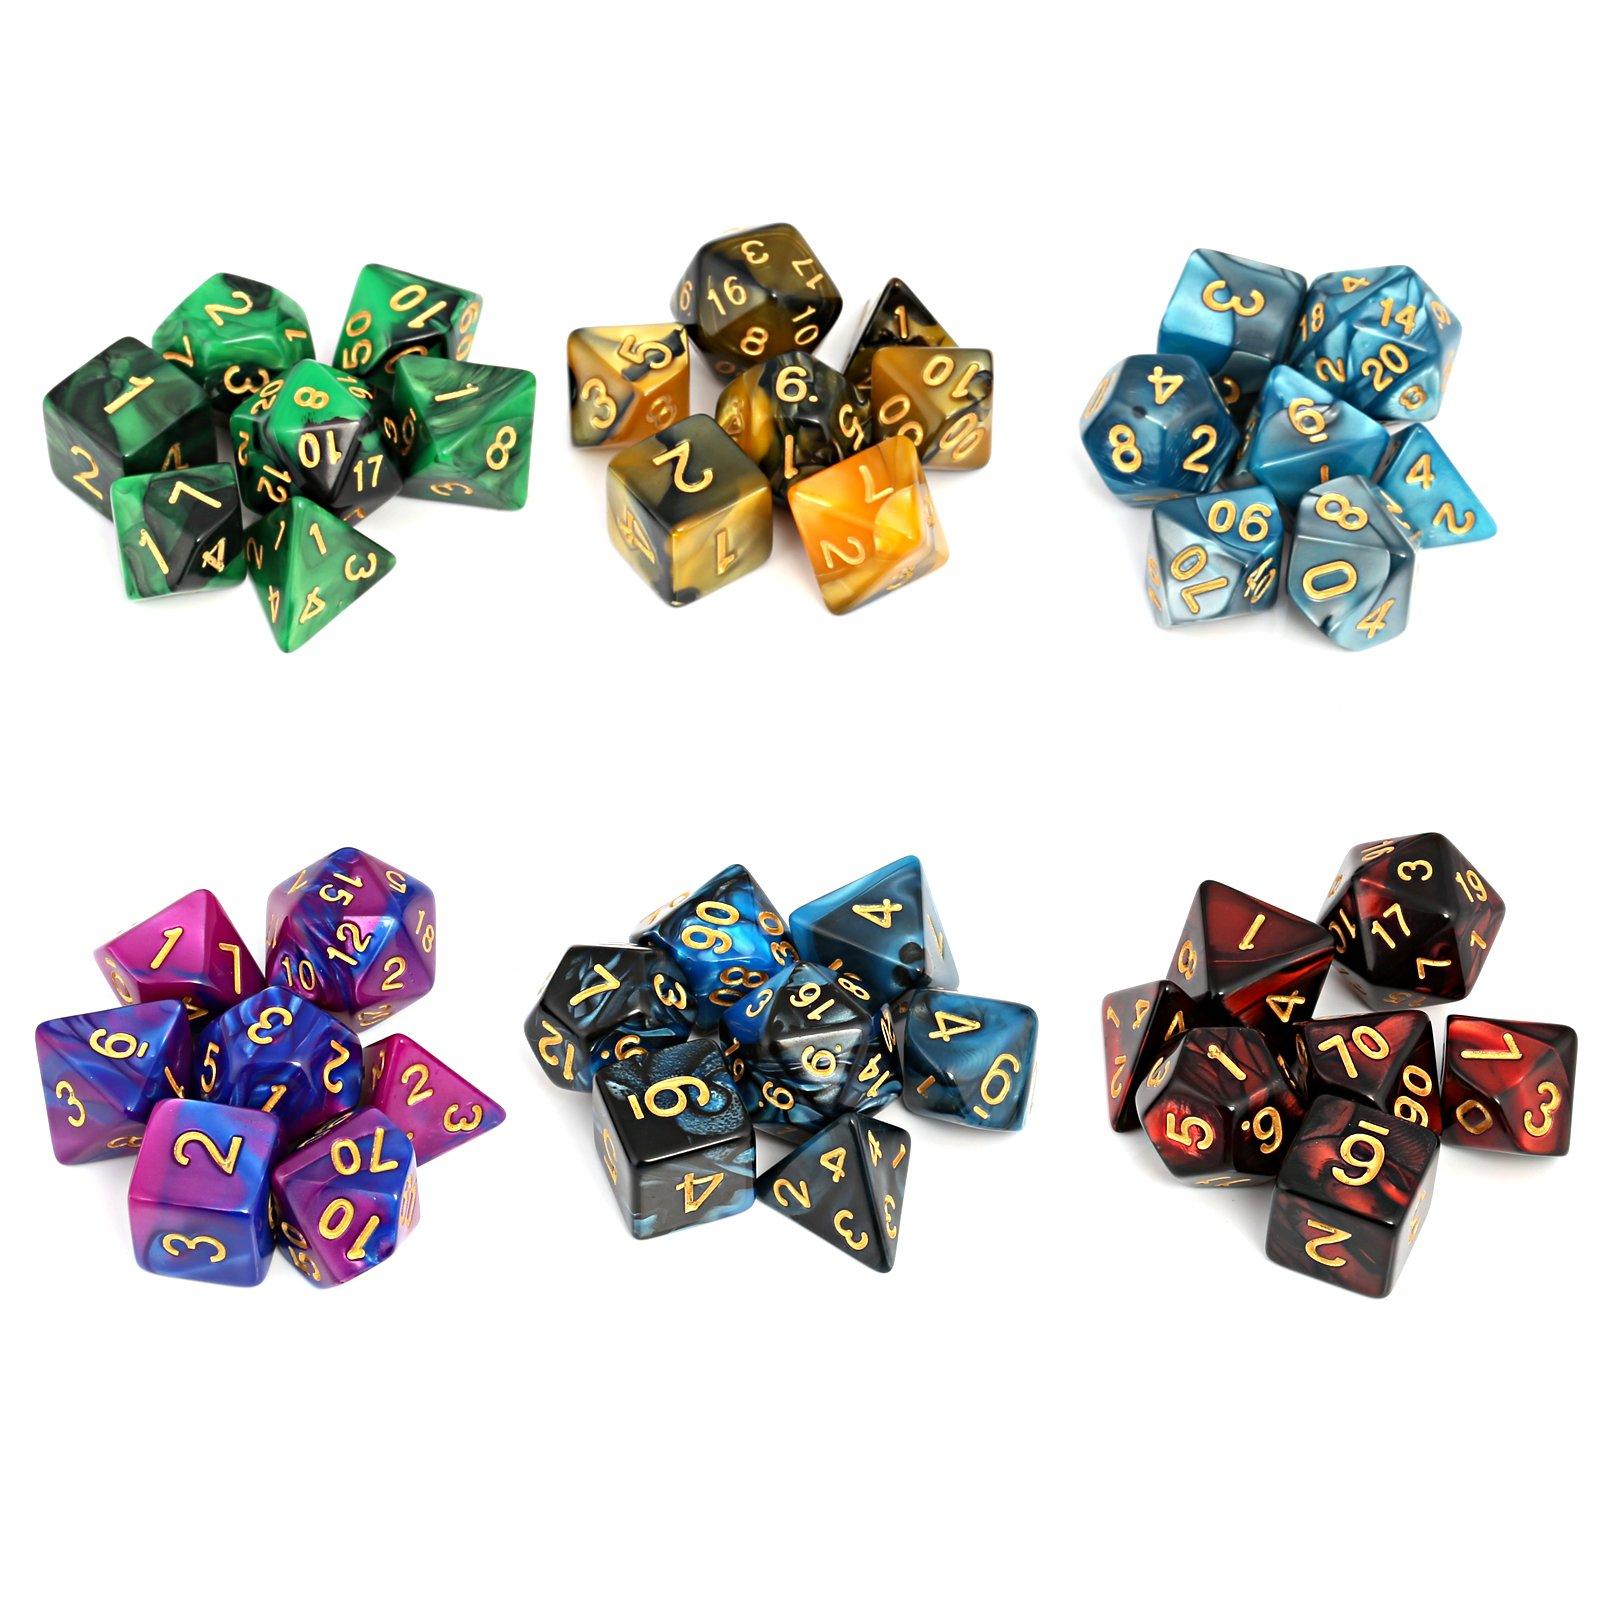 Moncolis Dados Poliedricos 6 x 7 (42 Piezas) Dados de Juego para Dungeons and Dragons DND RPG MTG D20 D12 D10 D8 D6 D4 Juegos de Cartas de Mesa: Amazon.es: Juguetes y juegos